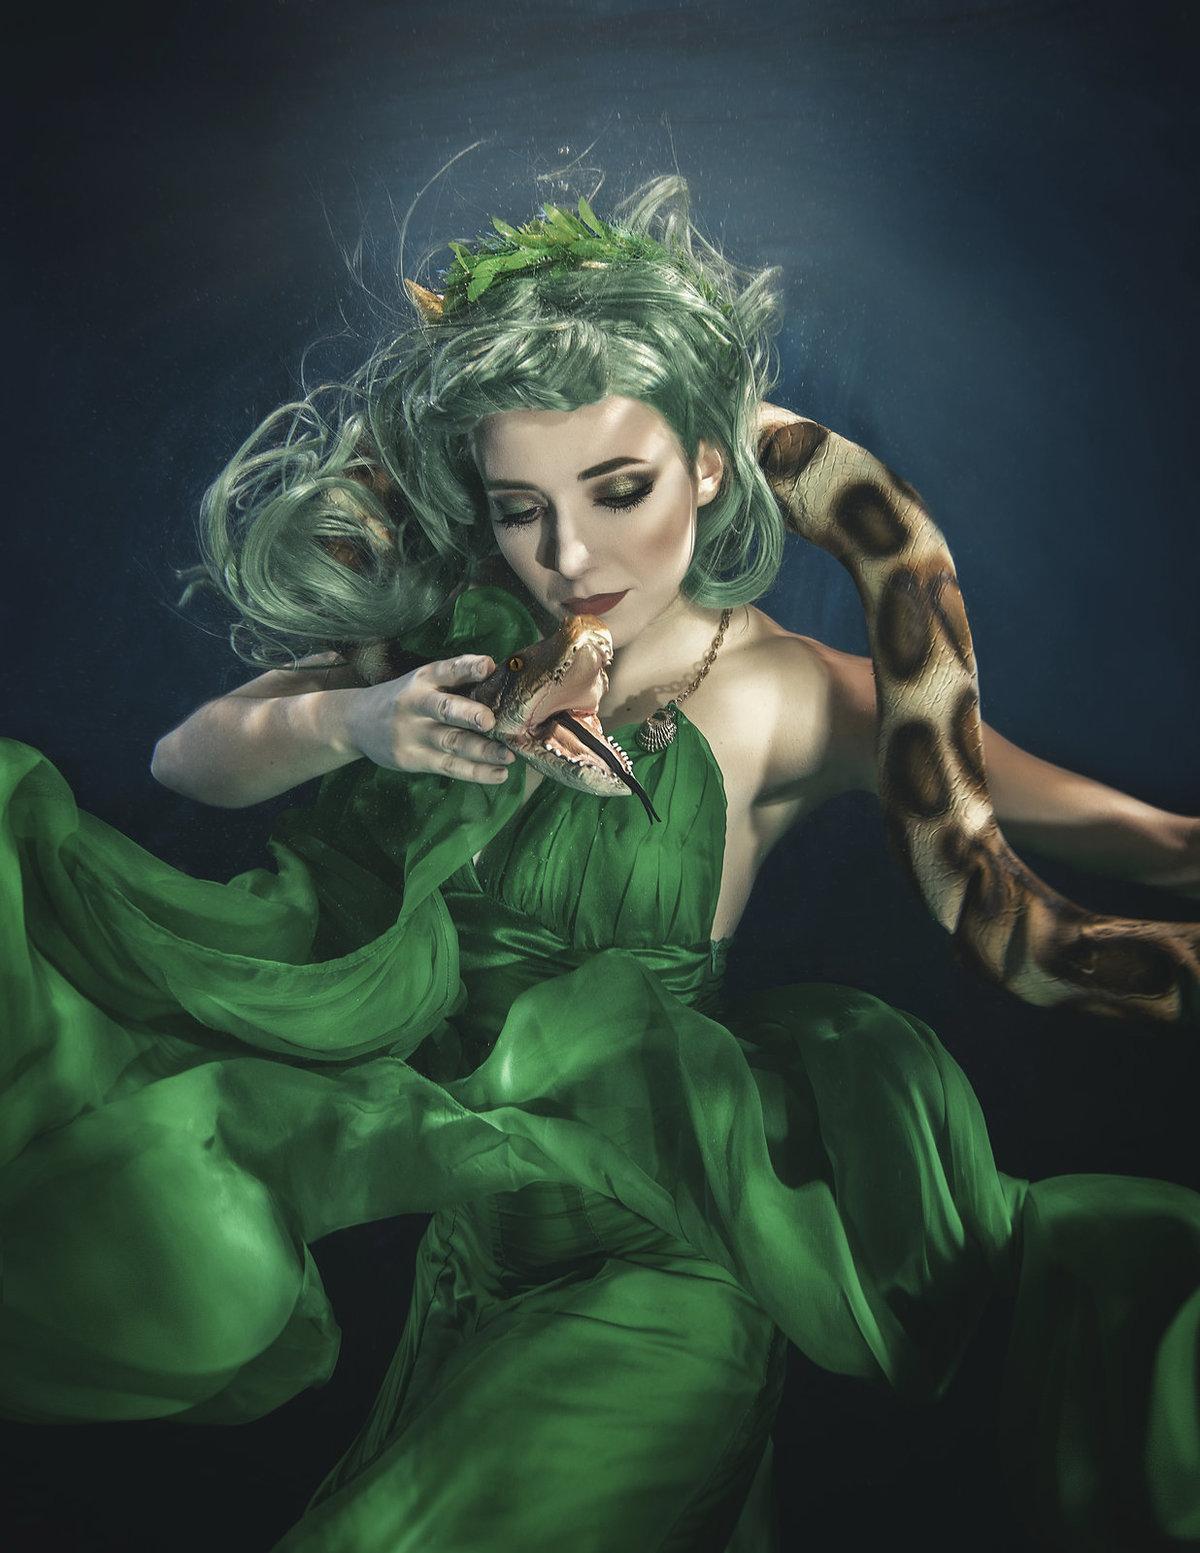 Zelené šaty se v úterý objeví na přehlídce s názvem Všechny tváře vody v pražském paláci Žofín.